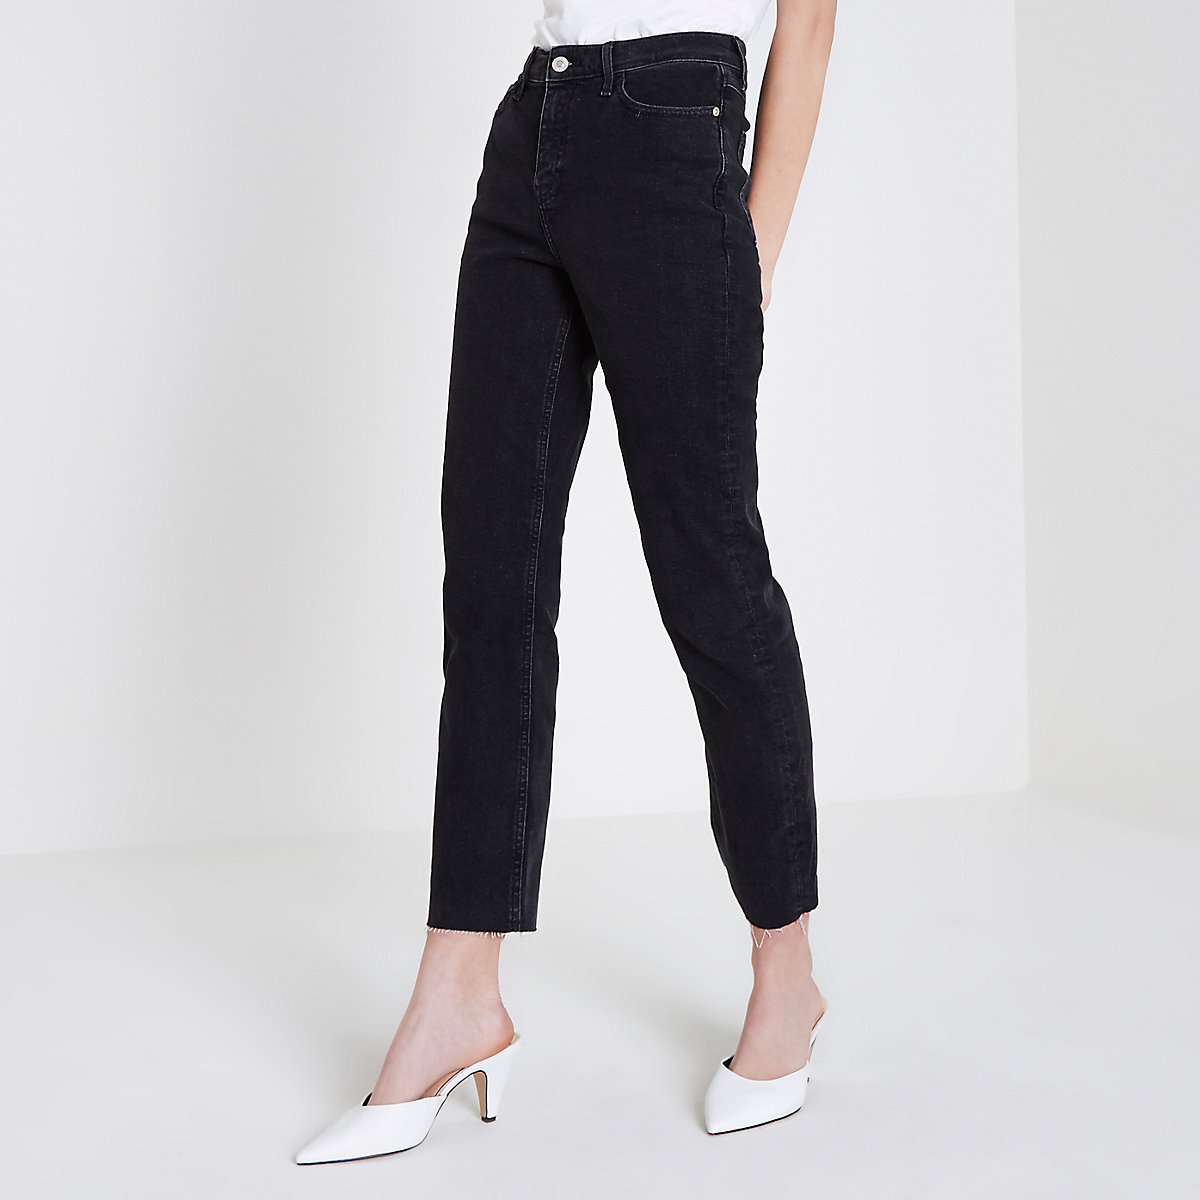 Bella – Schwarze Jeans mit geradem Bein